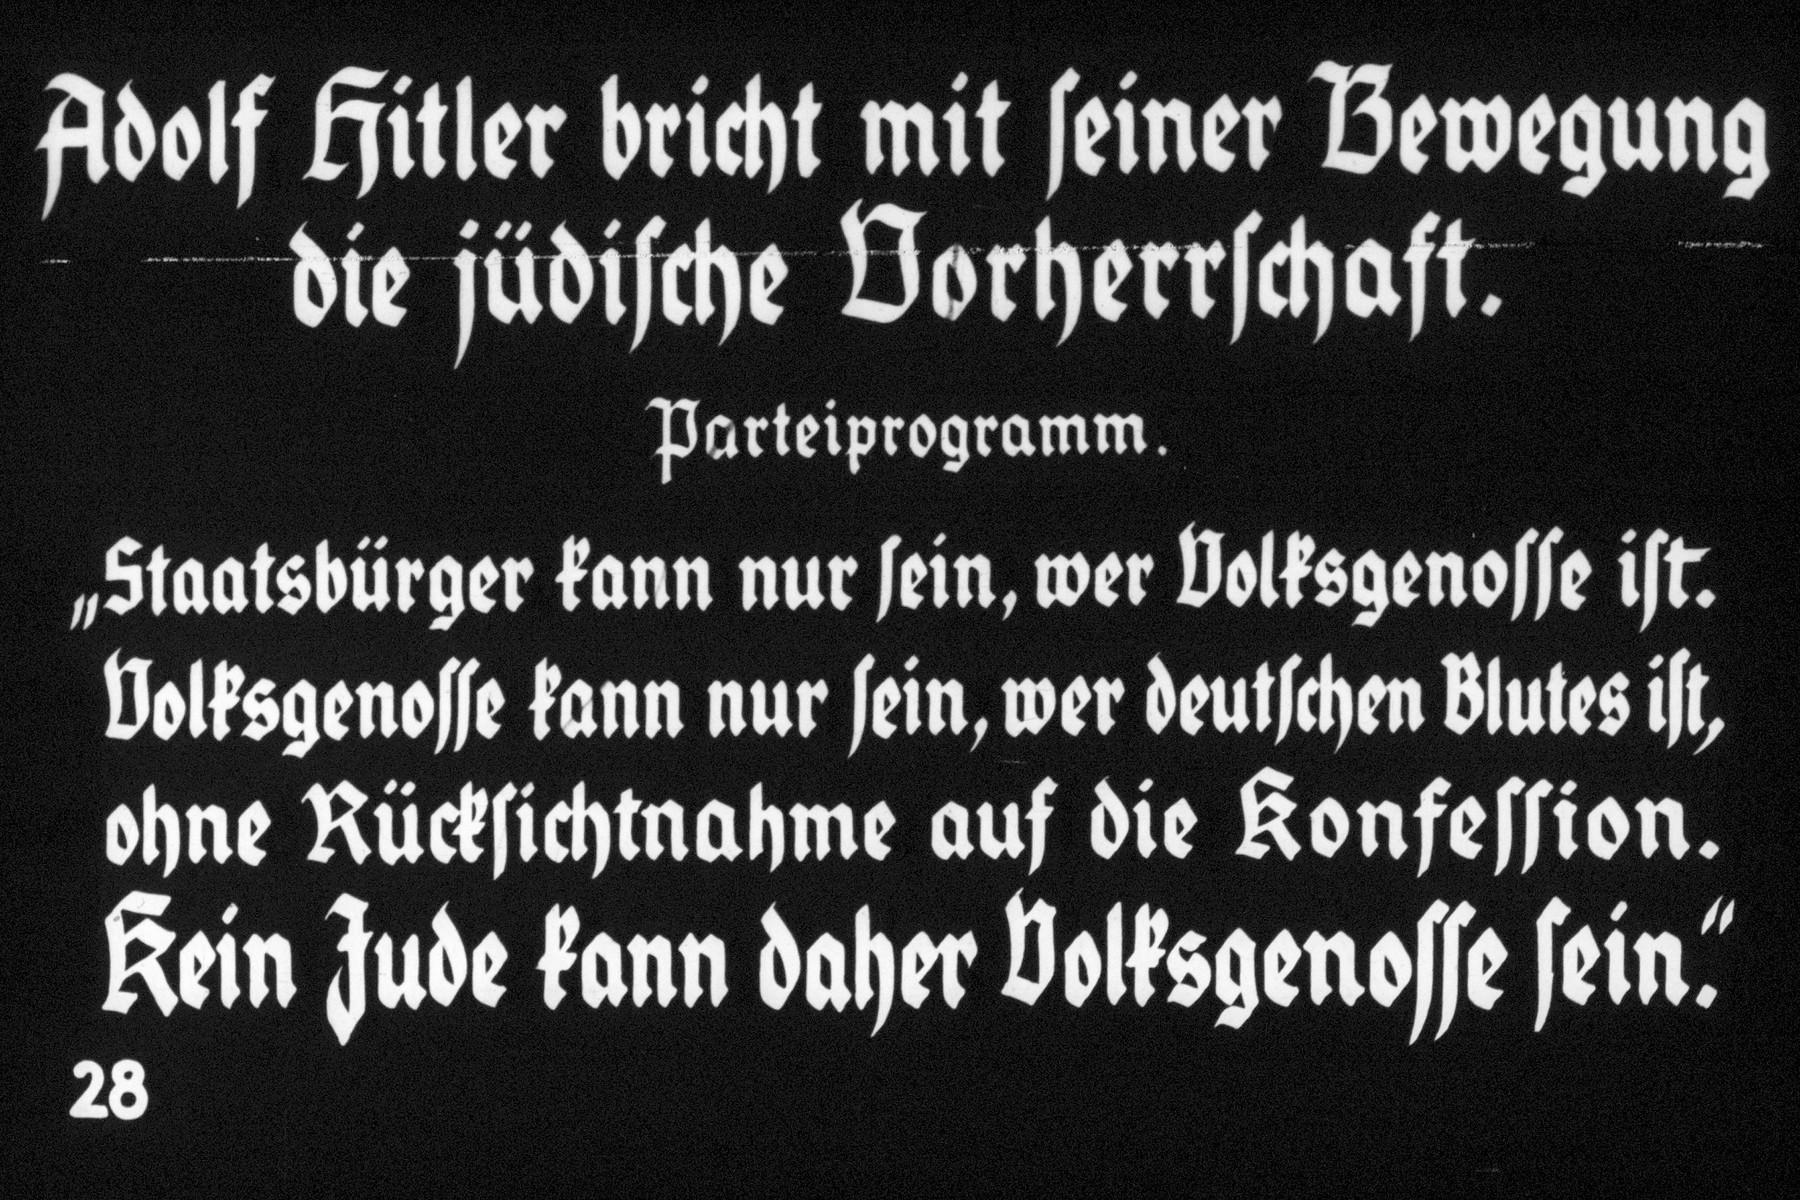 """28th Nazi propaganda slide of a Hitler Youth educational presentation entitled """"Germany Overcomes Jewry.""""  Adolf Hitler bricht mit seiner Bewegung die jüdische Vorherrschaft.  Parteiprogramm. """"Staatsbürger kann nur sein, wer Volksgenosse ist. Volksgenosse kann nur sein wer deutschen Blutes ist, ohne Rücksichtnahme auf die konefession. Kein Jude kann daher Volksgenosse sein.  //  Adolf Hitler breaks Jewish supremacy with his movement.  Party program.  """"Citizen can only be one who is member of the race. Member of the race can only be who is of German blood, without regard to the denomination. No Jew can be a member of the race."""